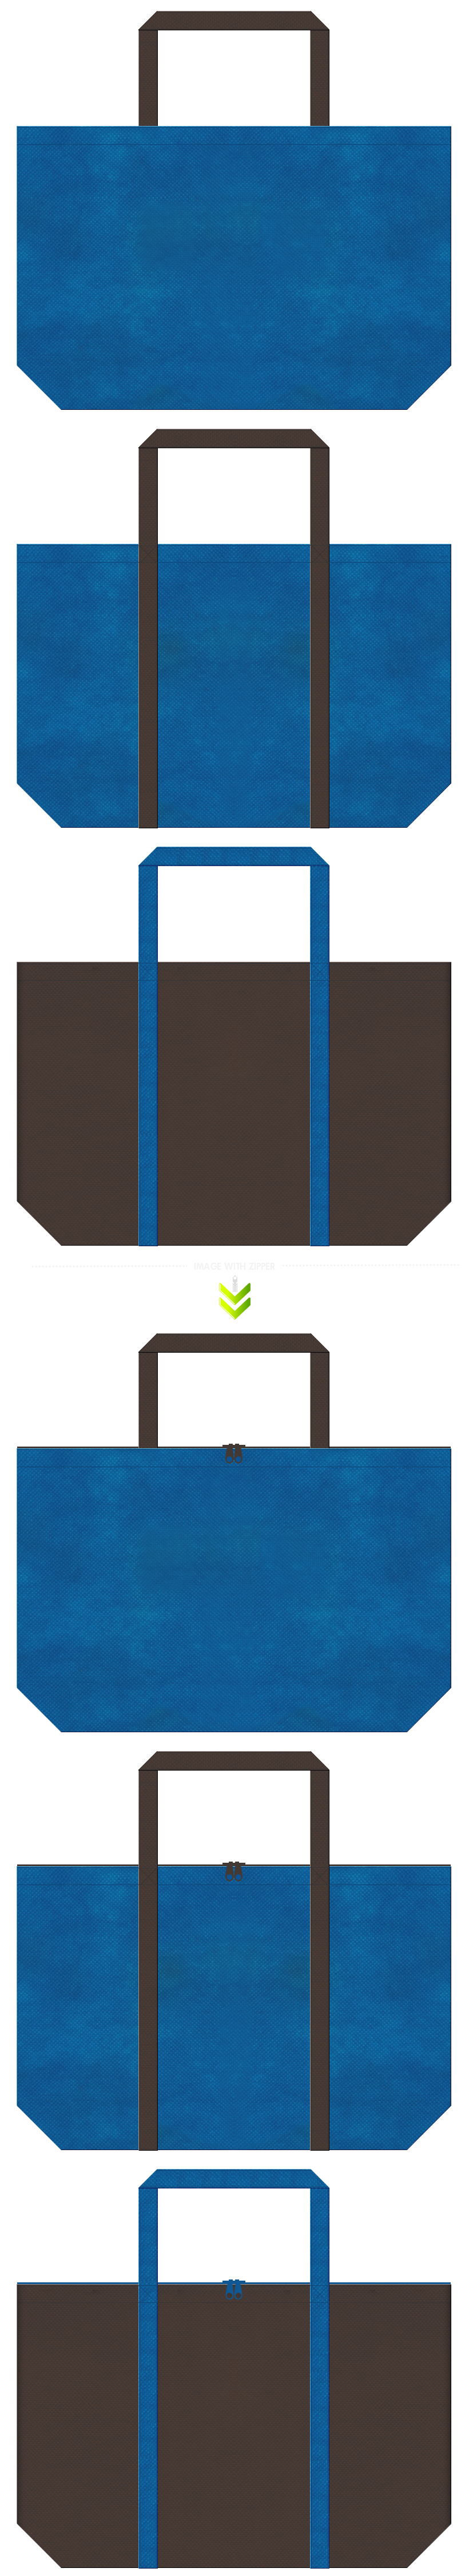 水資源・CO2削減・環境イベント・地球・ロールプレイングゲームの展示会用バッグ・父の日ギフトのショッピングバッグにお奨めの不織布バッグデザイン:青色とこげ茶色のコーデ